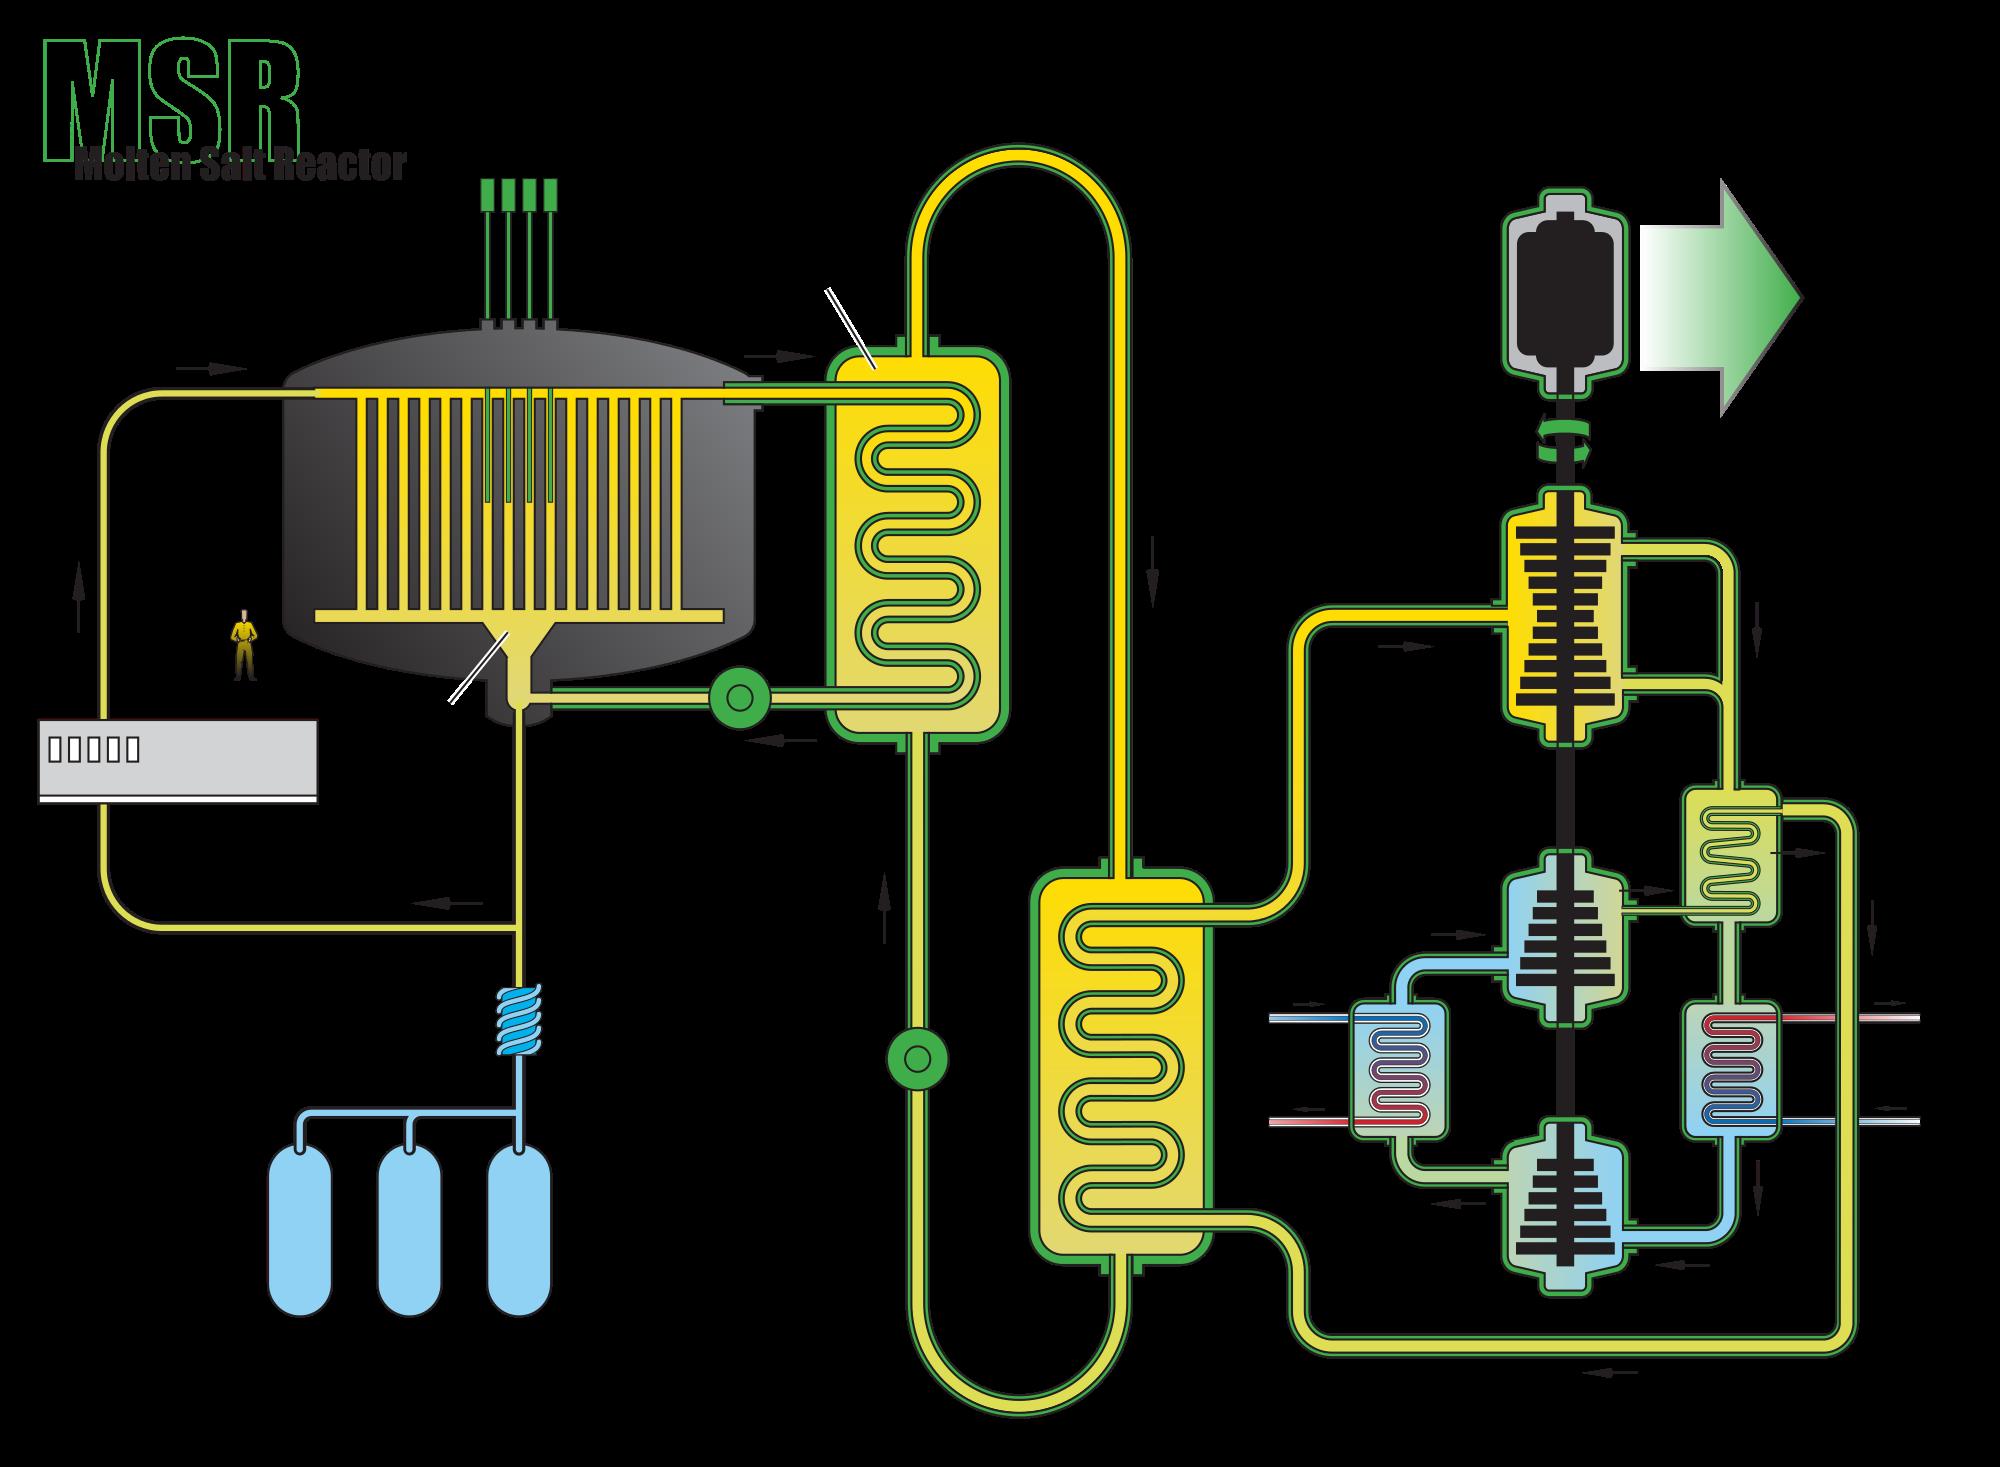 thoriumenergie, Gesmoltenzoutreactor, thorium